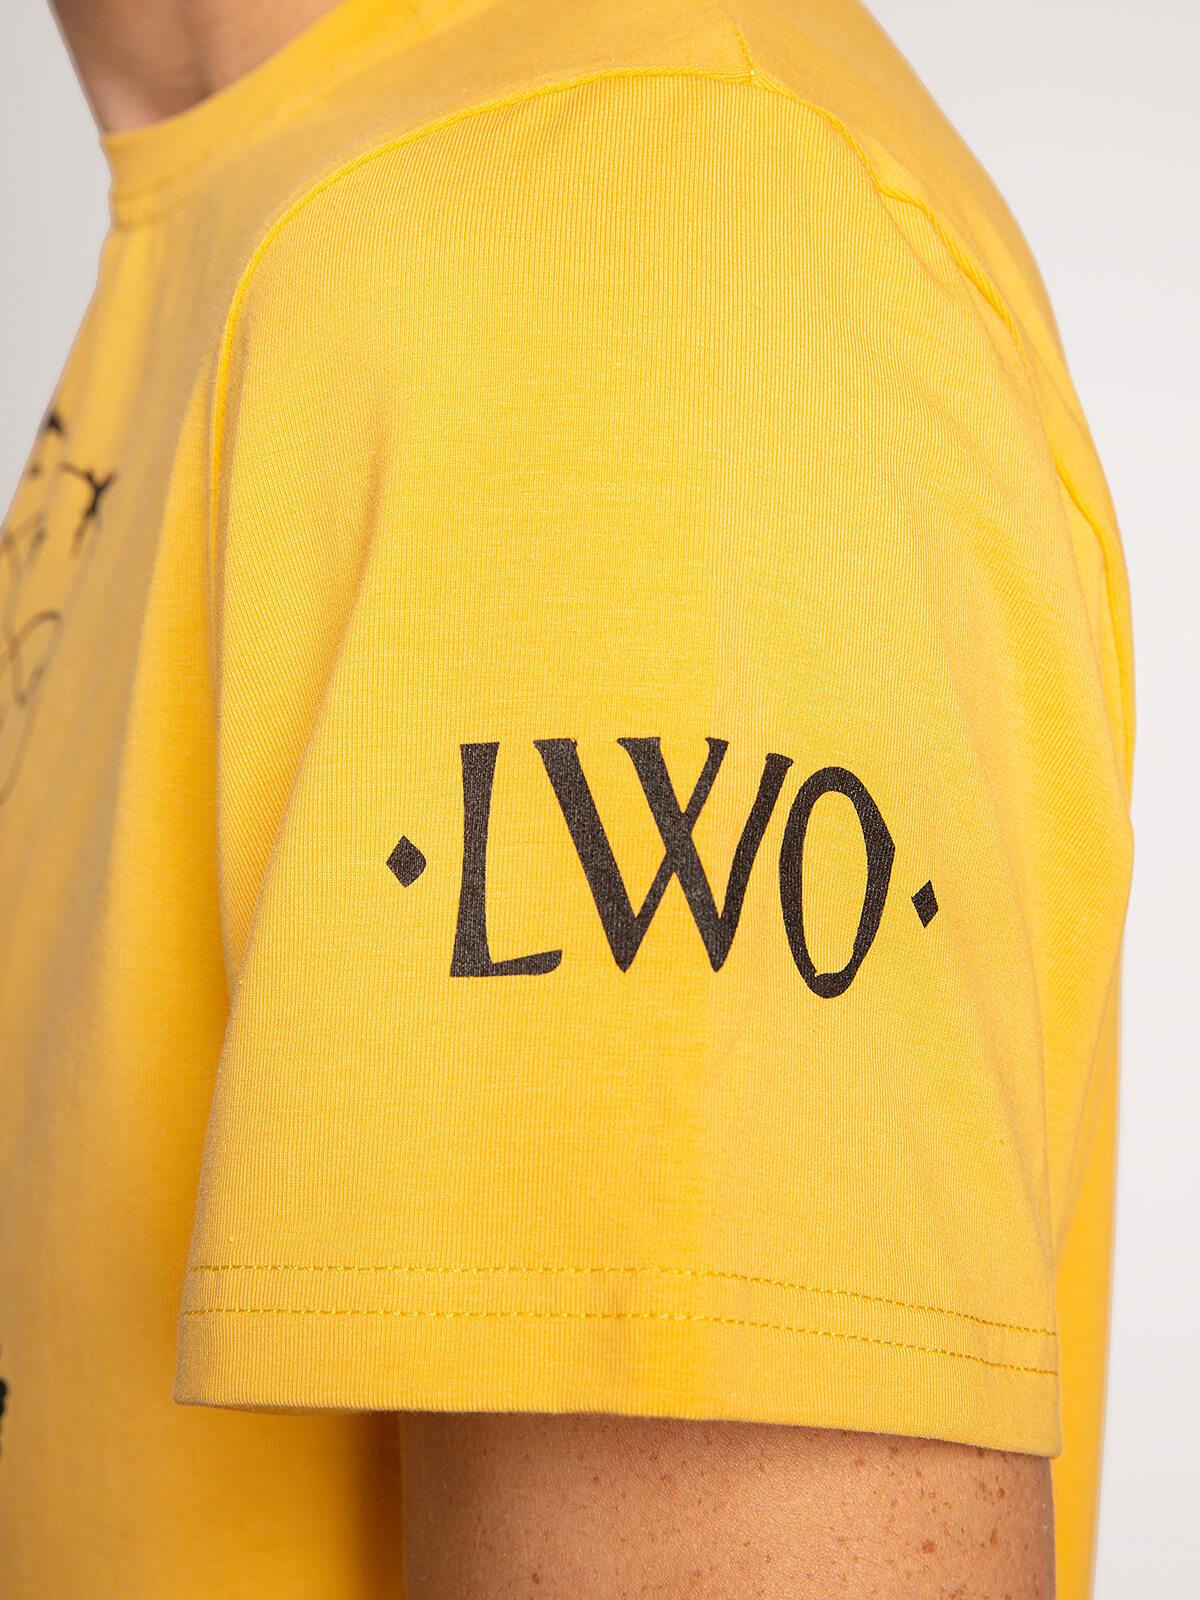 Чоловіча Футболка Данило. Колір жовтий.  На жіночій фігурі футболка виглядає просто чудово! Матеріал: 95% бавовна, 5% спандекс.